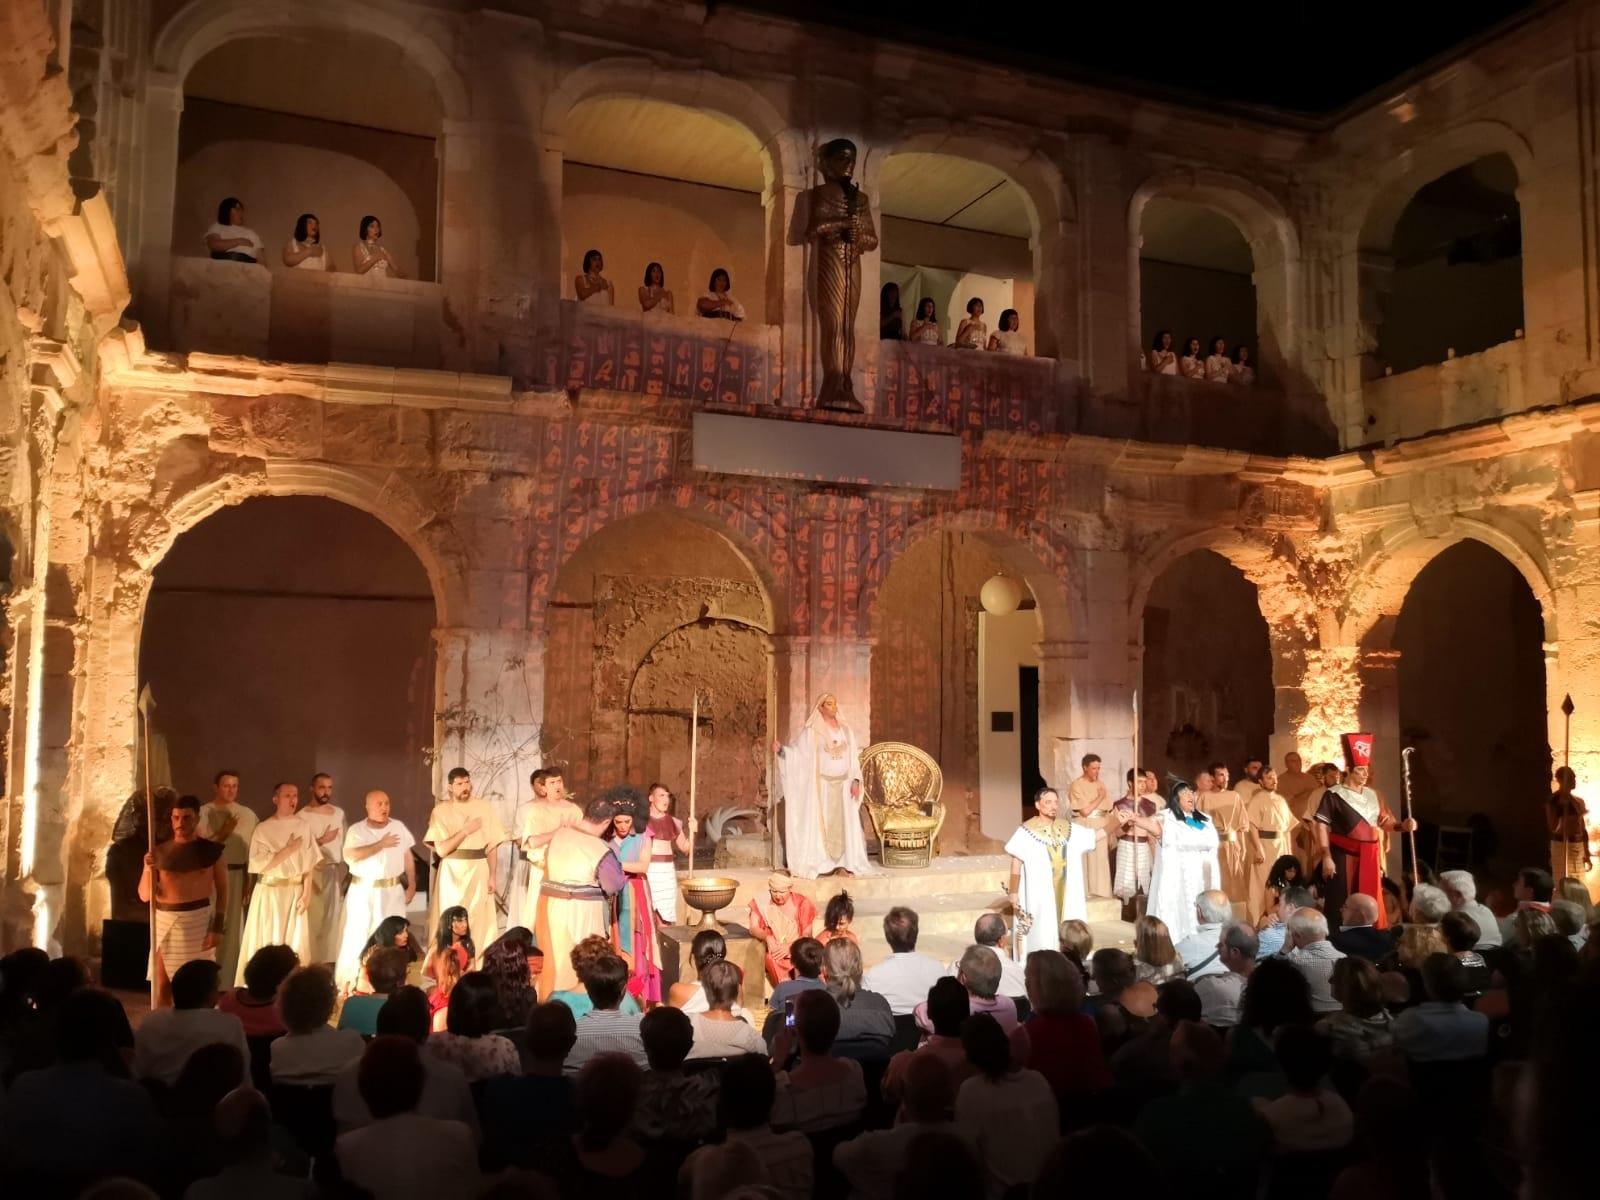 El patio del Palacio Ducal de Medinaceli durante una representación operística